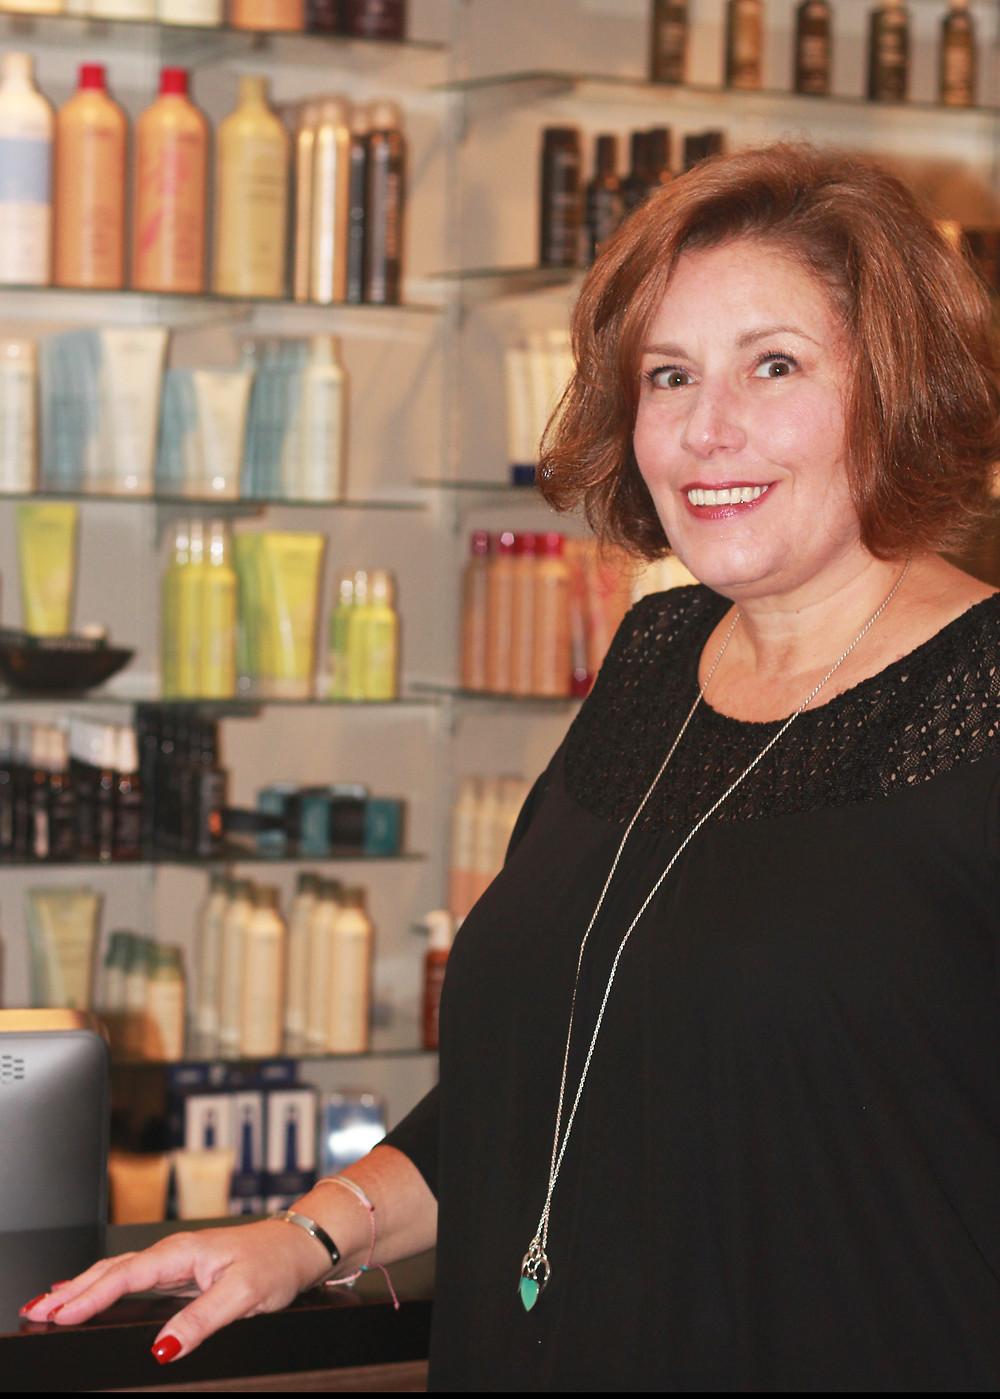 Julie Di Domenico-Kleinow at the Wave hair salon